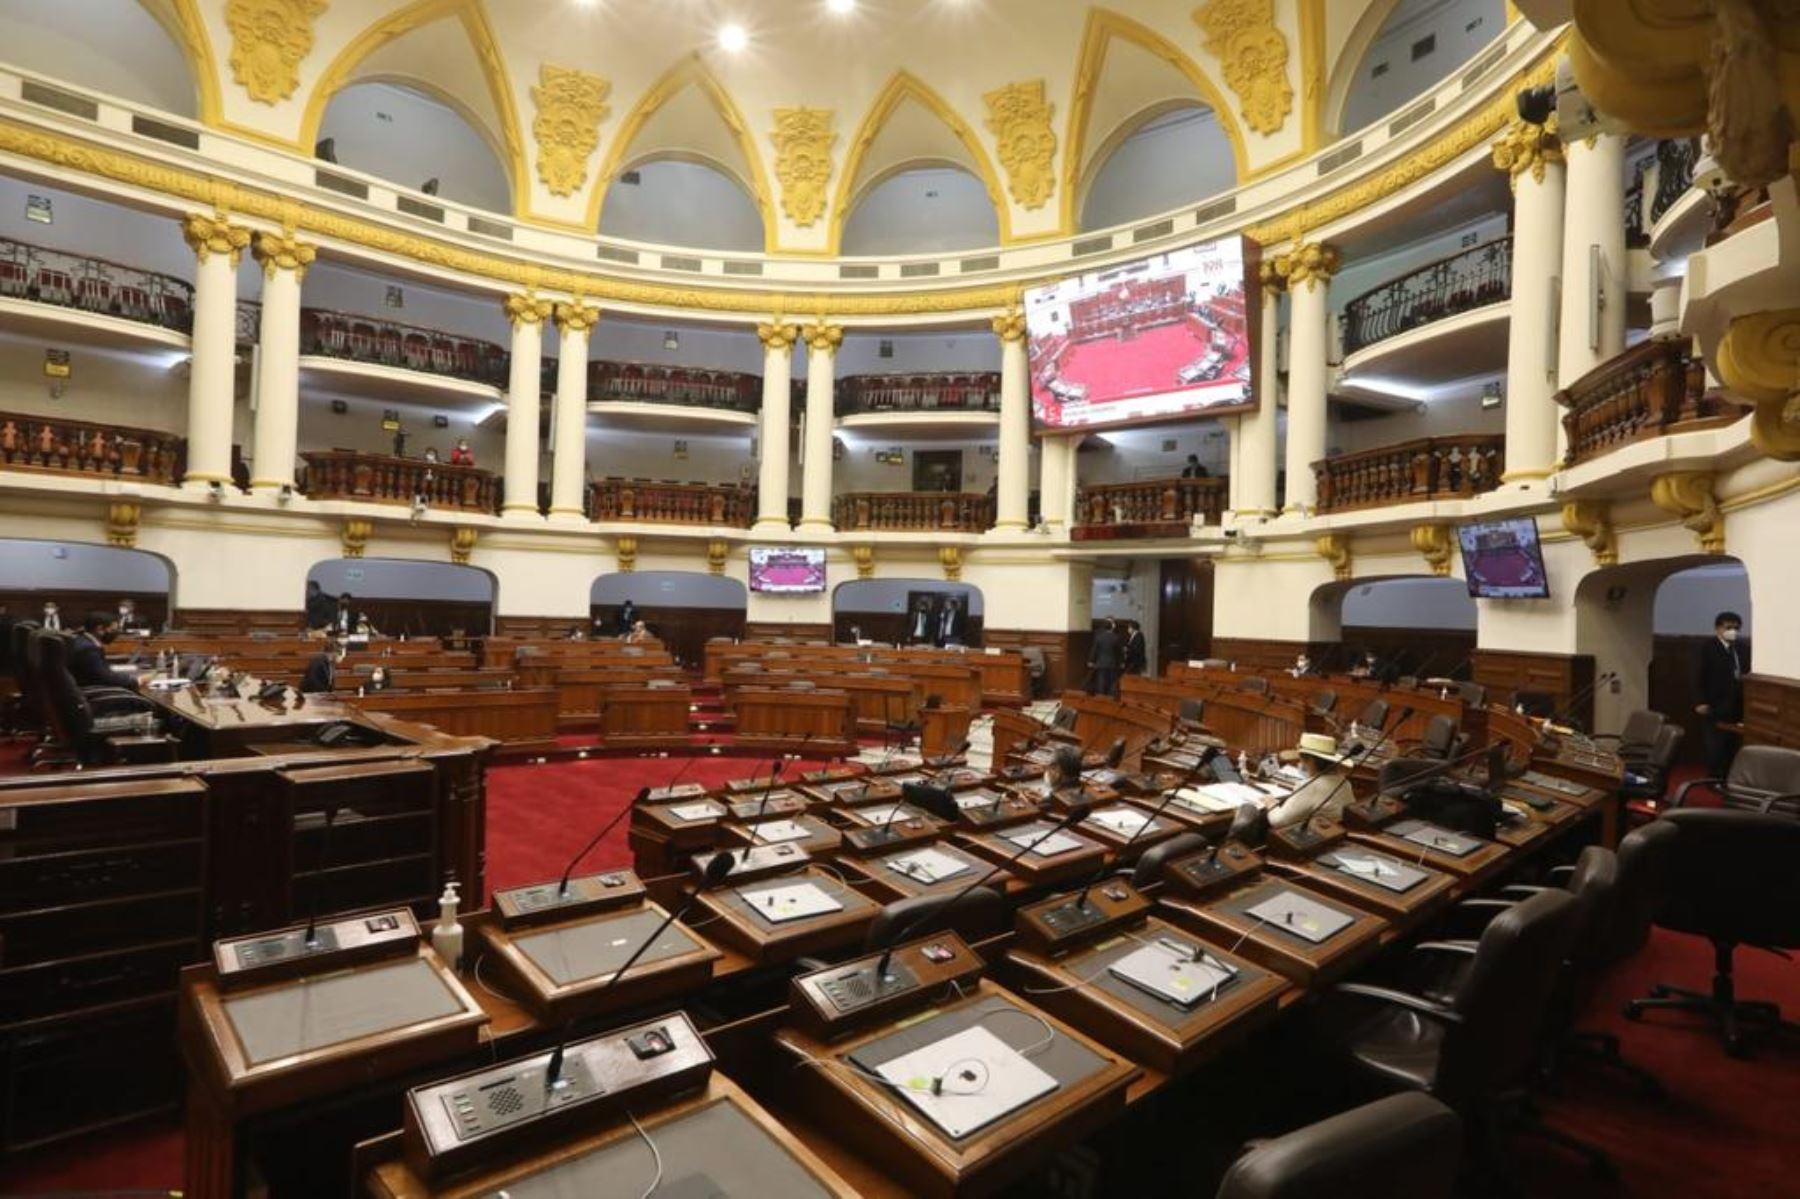 congreso-subcomision-de-acusaciones-vera-hoy-denuncia-contra-hinostroza-y-otros